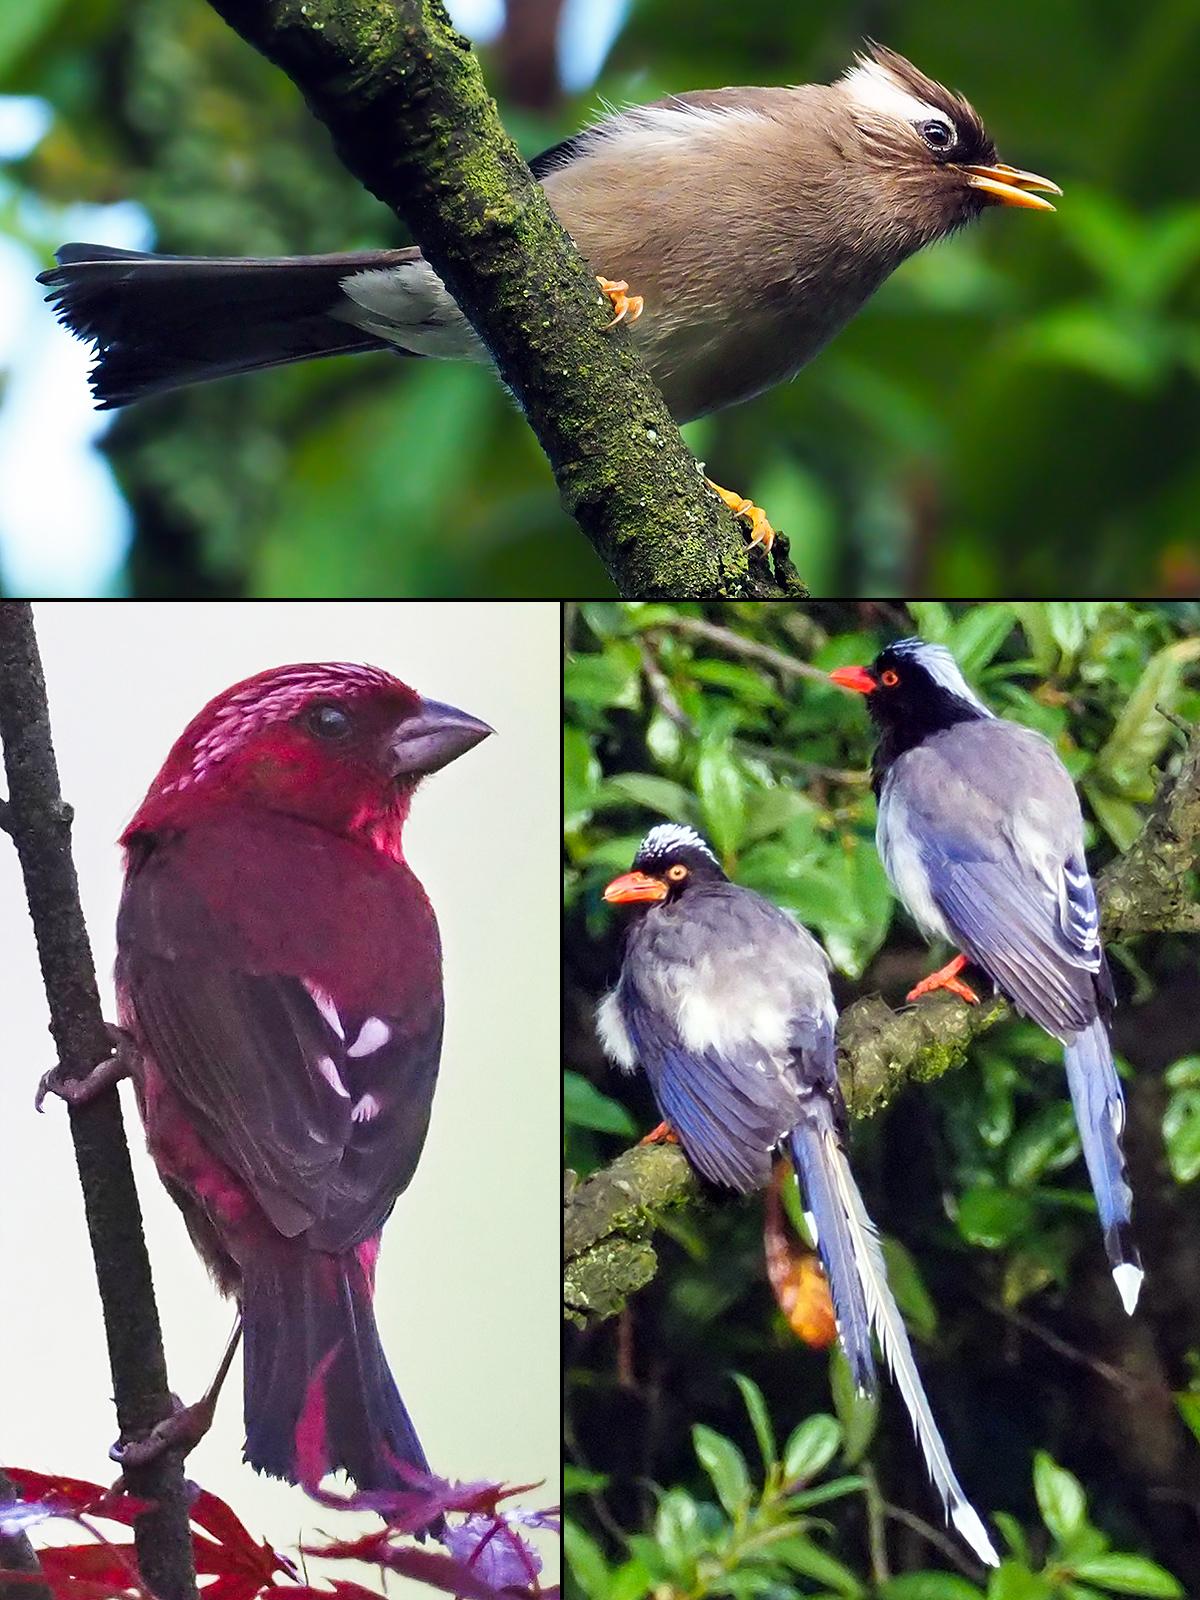 Birds of the lower country and hotel gardesn. Top: White-collared Yuhina <em>Yuhina diademata</em>. Bottom: Vinaceous Rosefinch <em>Carpodacus vinaceus</em> (L) and Red-billed Blue Magpie <em>Urocissa erythroryncha</em>. (John MacKinnon)